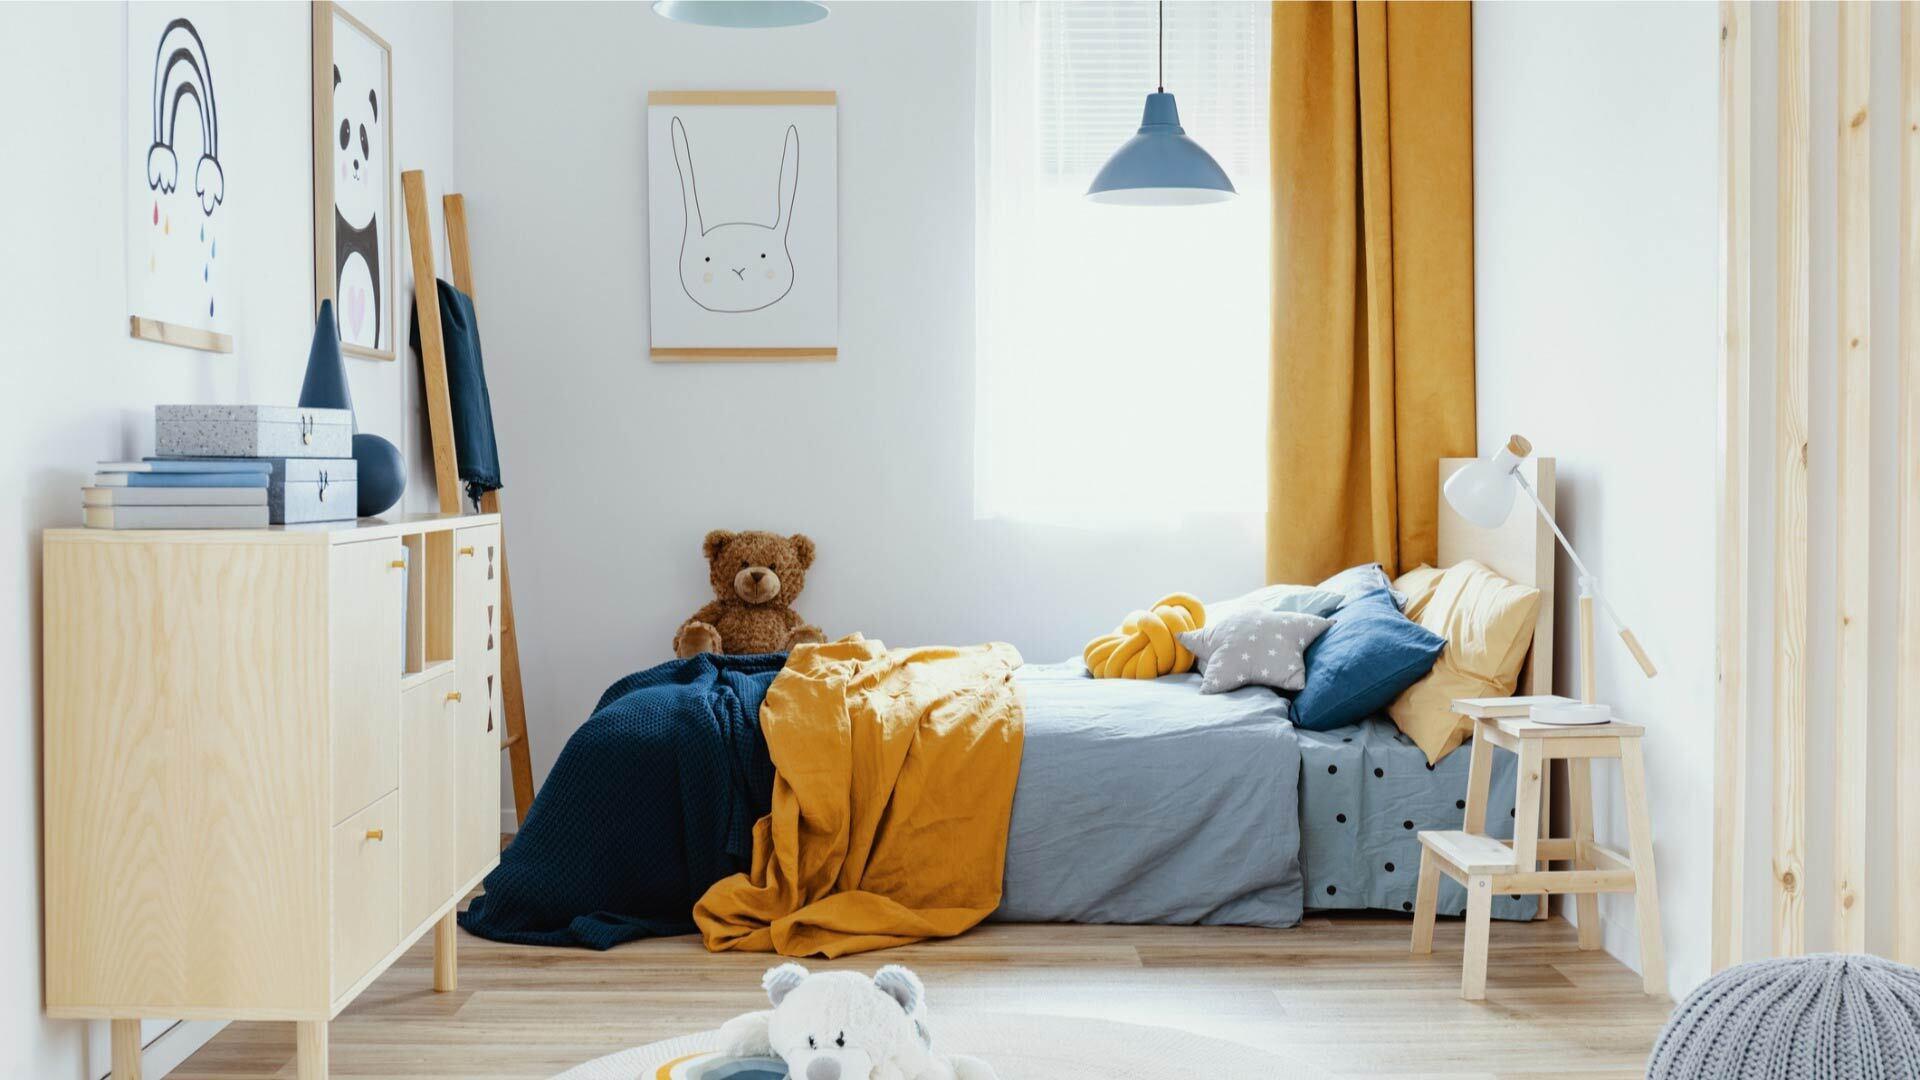 Fourniture et pose de revêtement de sol pour une chambre